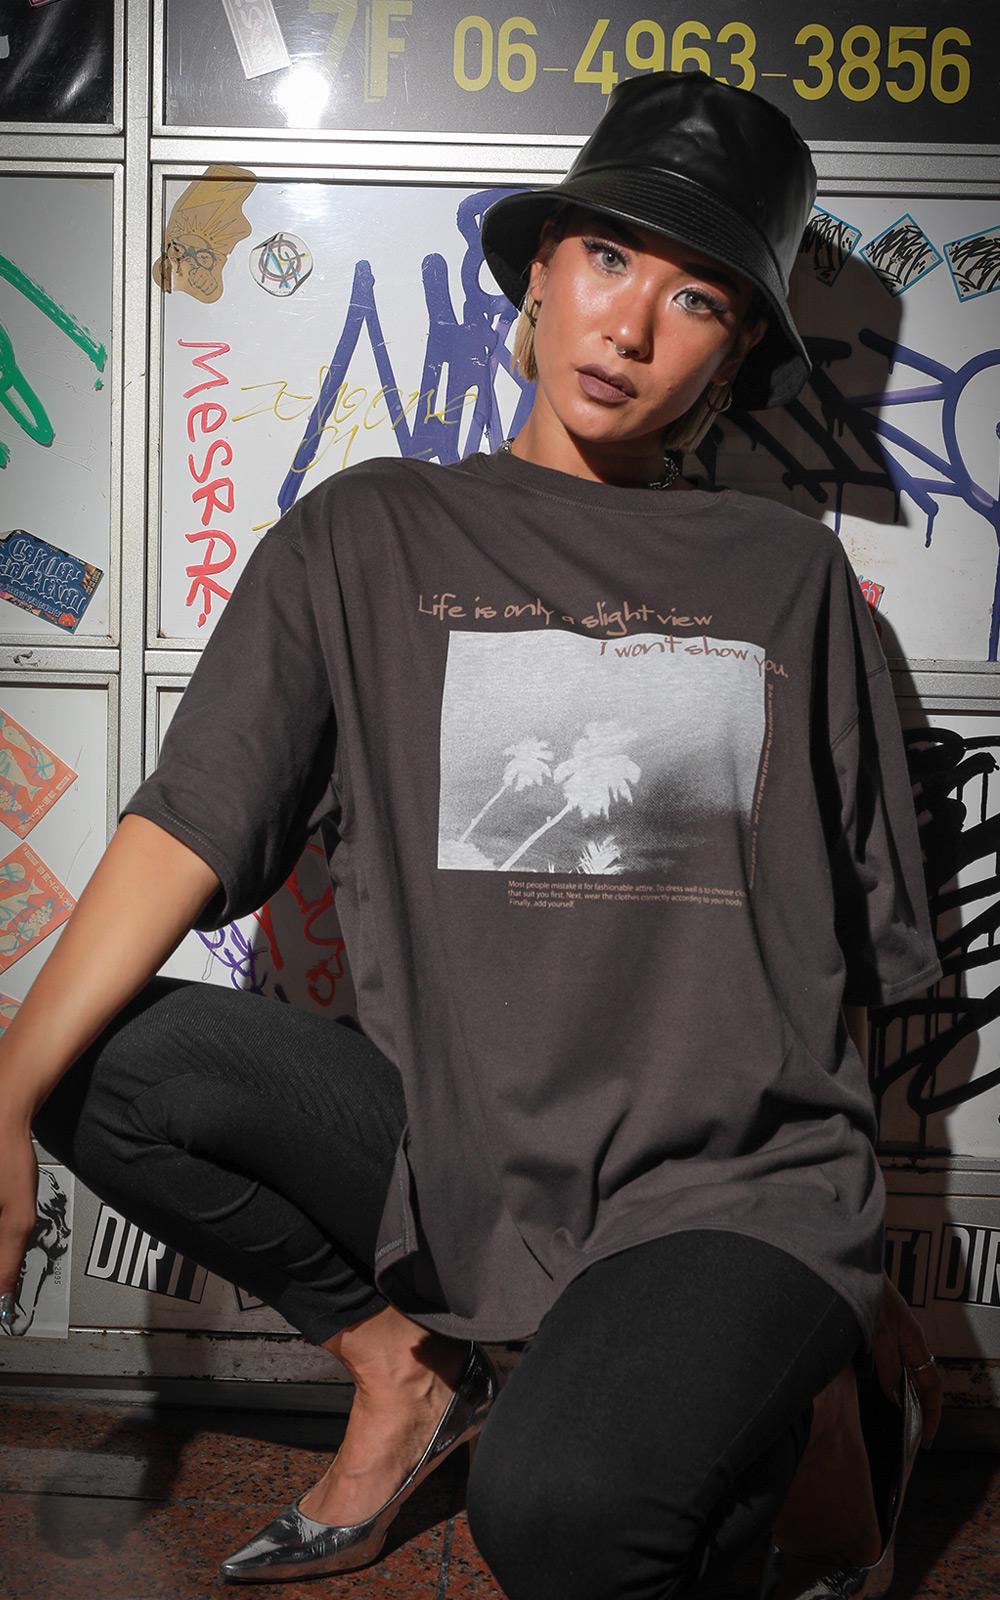 ダンス衣装通販のボムシェル[bombshell]・Lookbook01-10-02